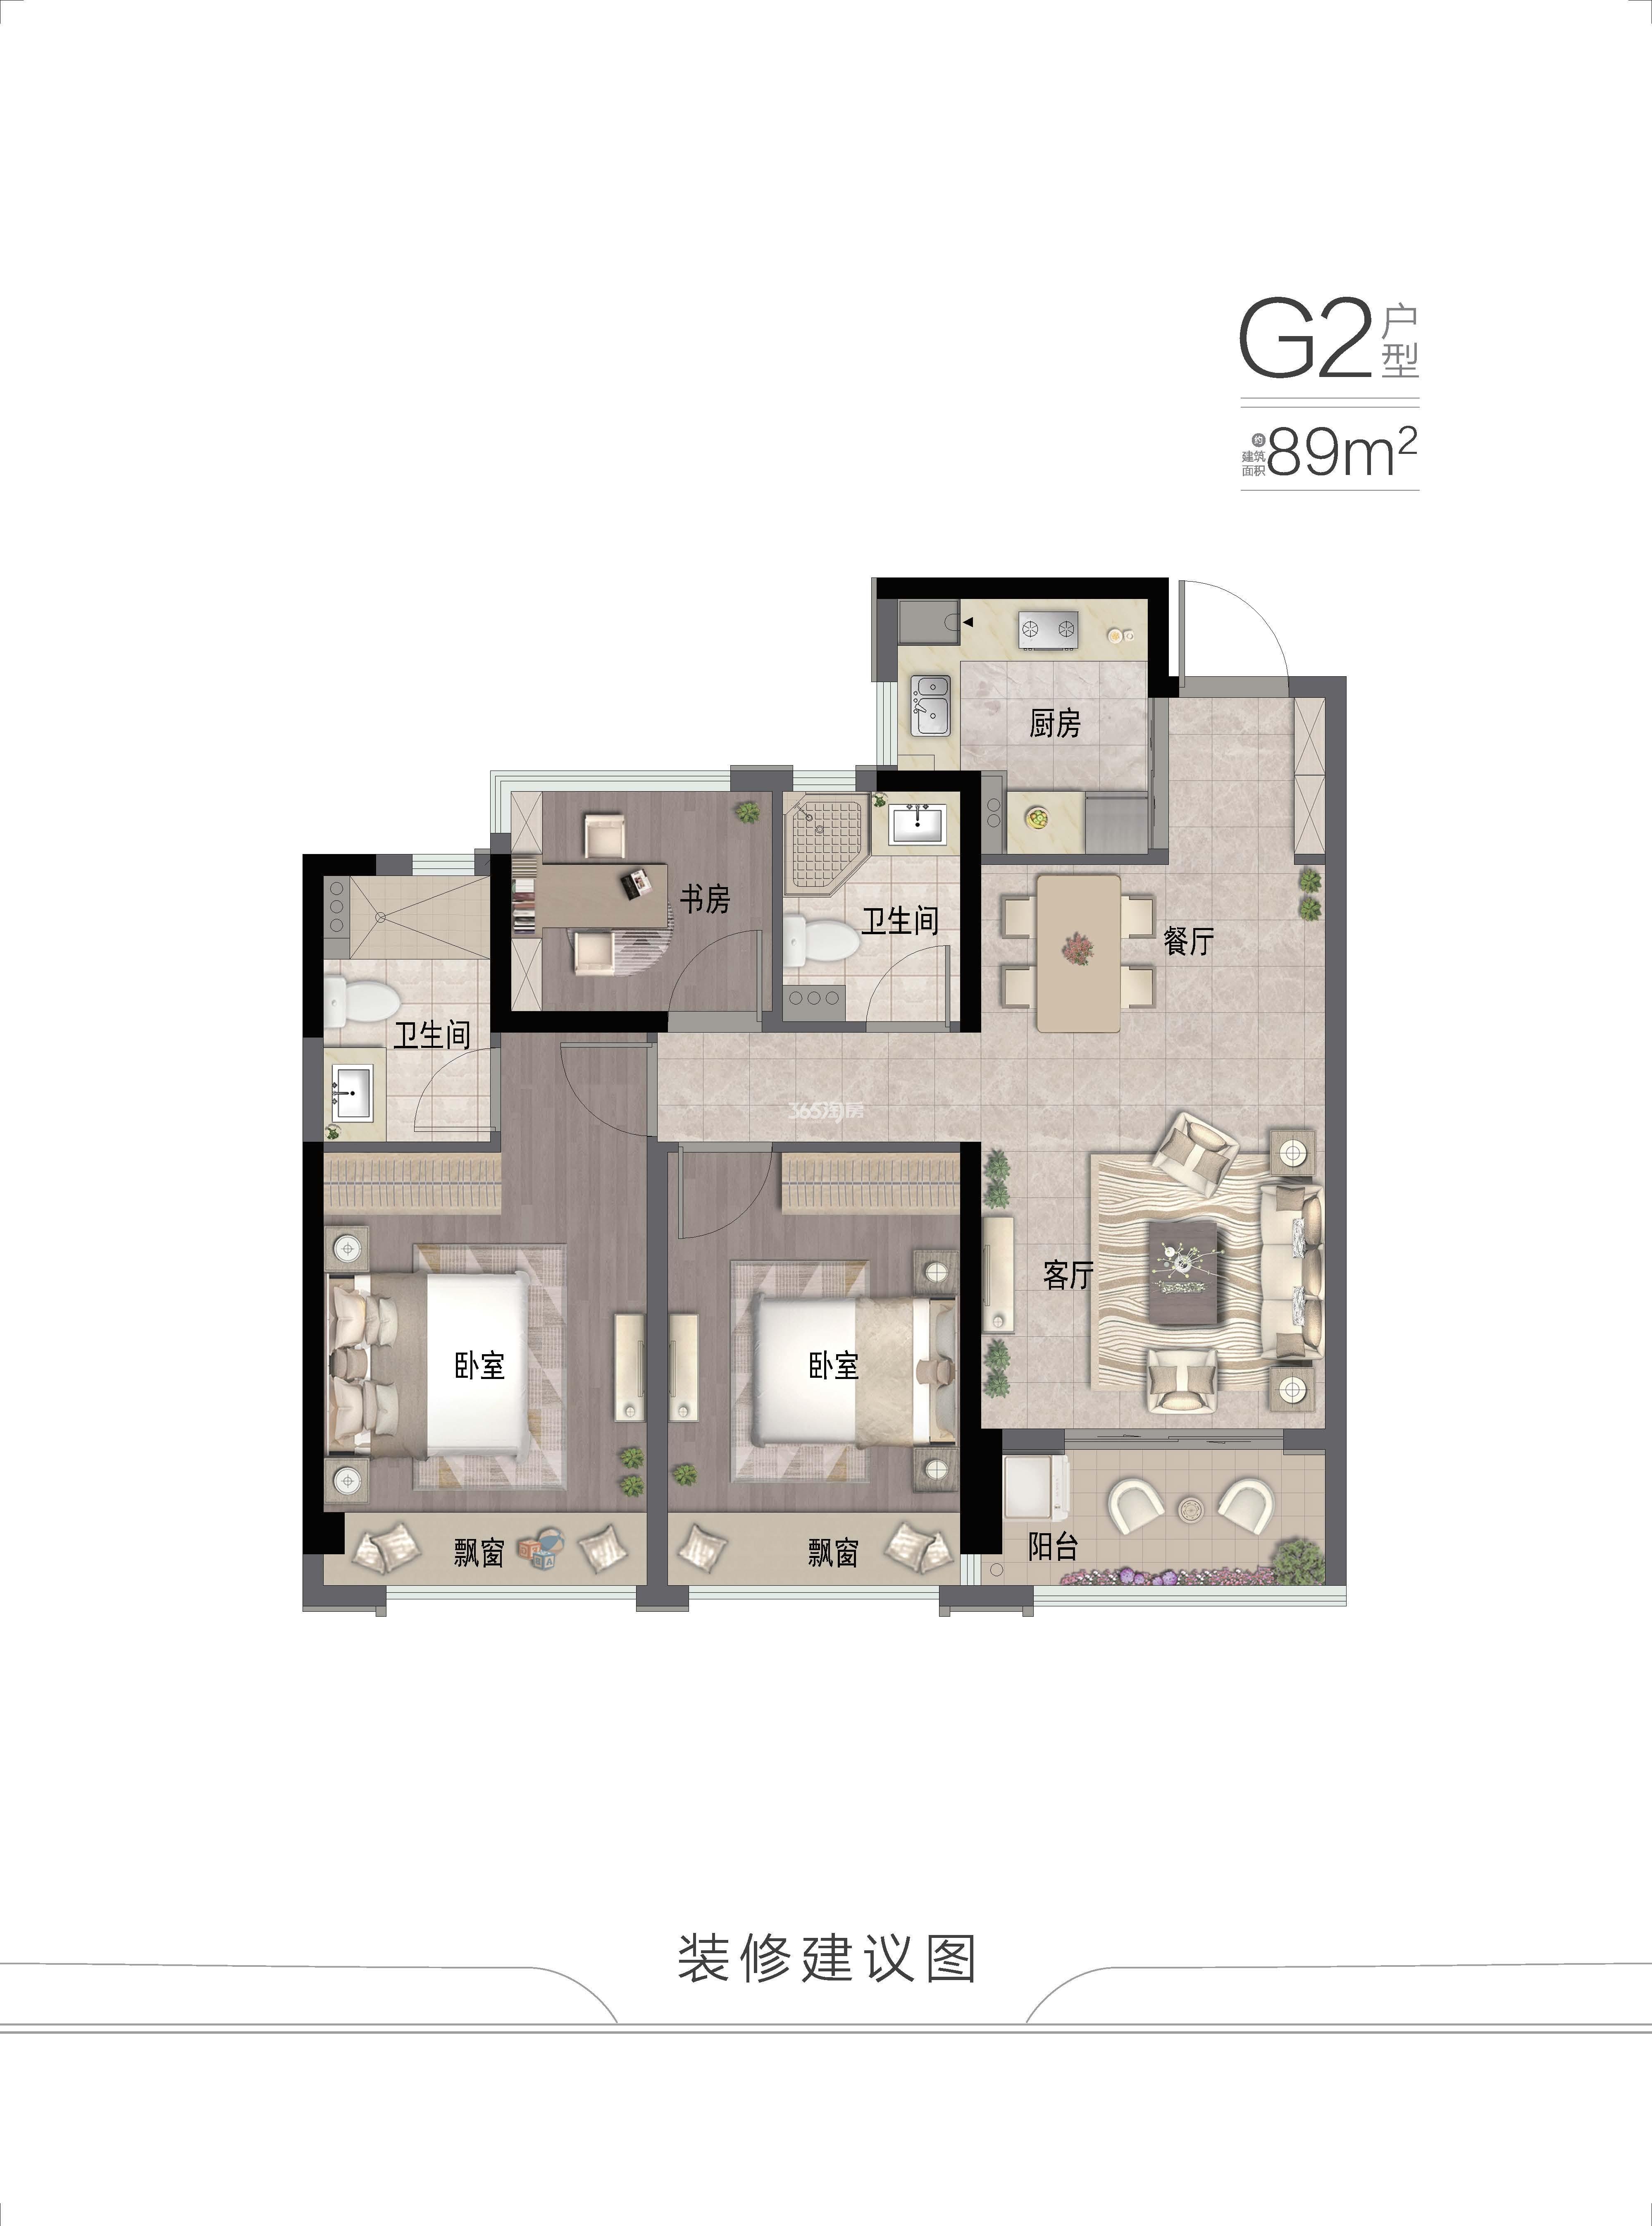 世纪金宸高层G2户型89方装修建议图